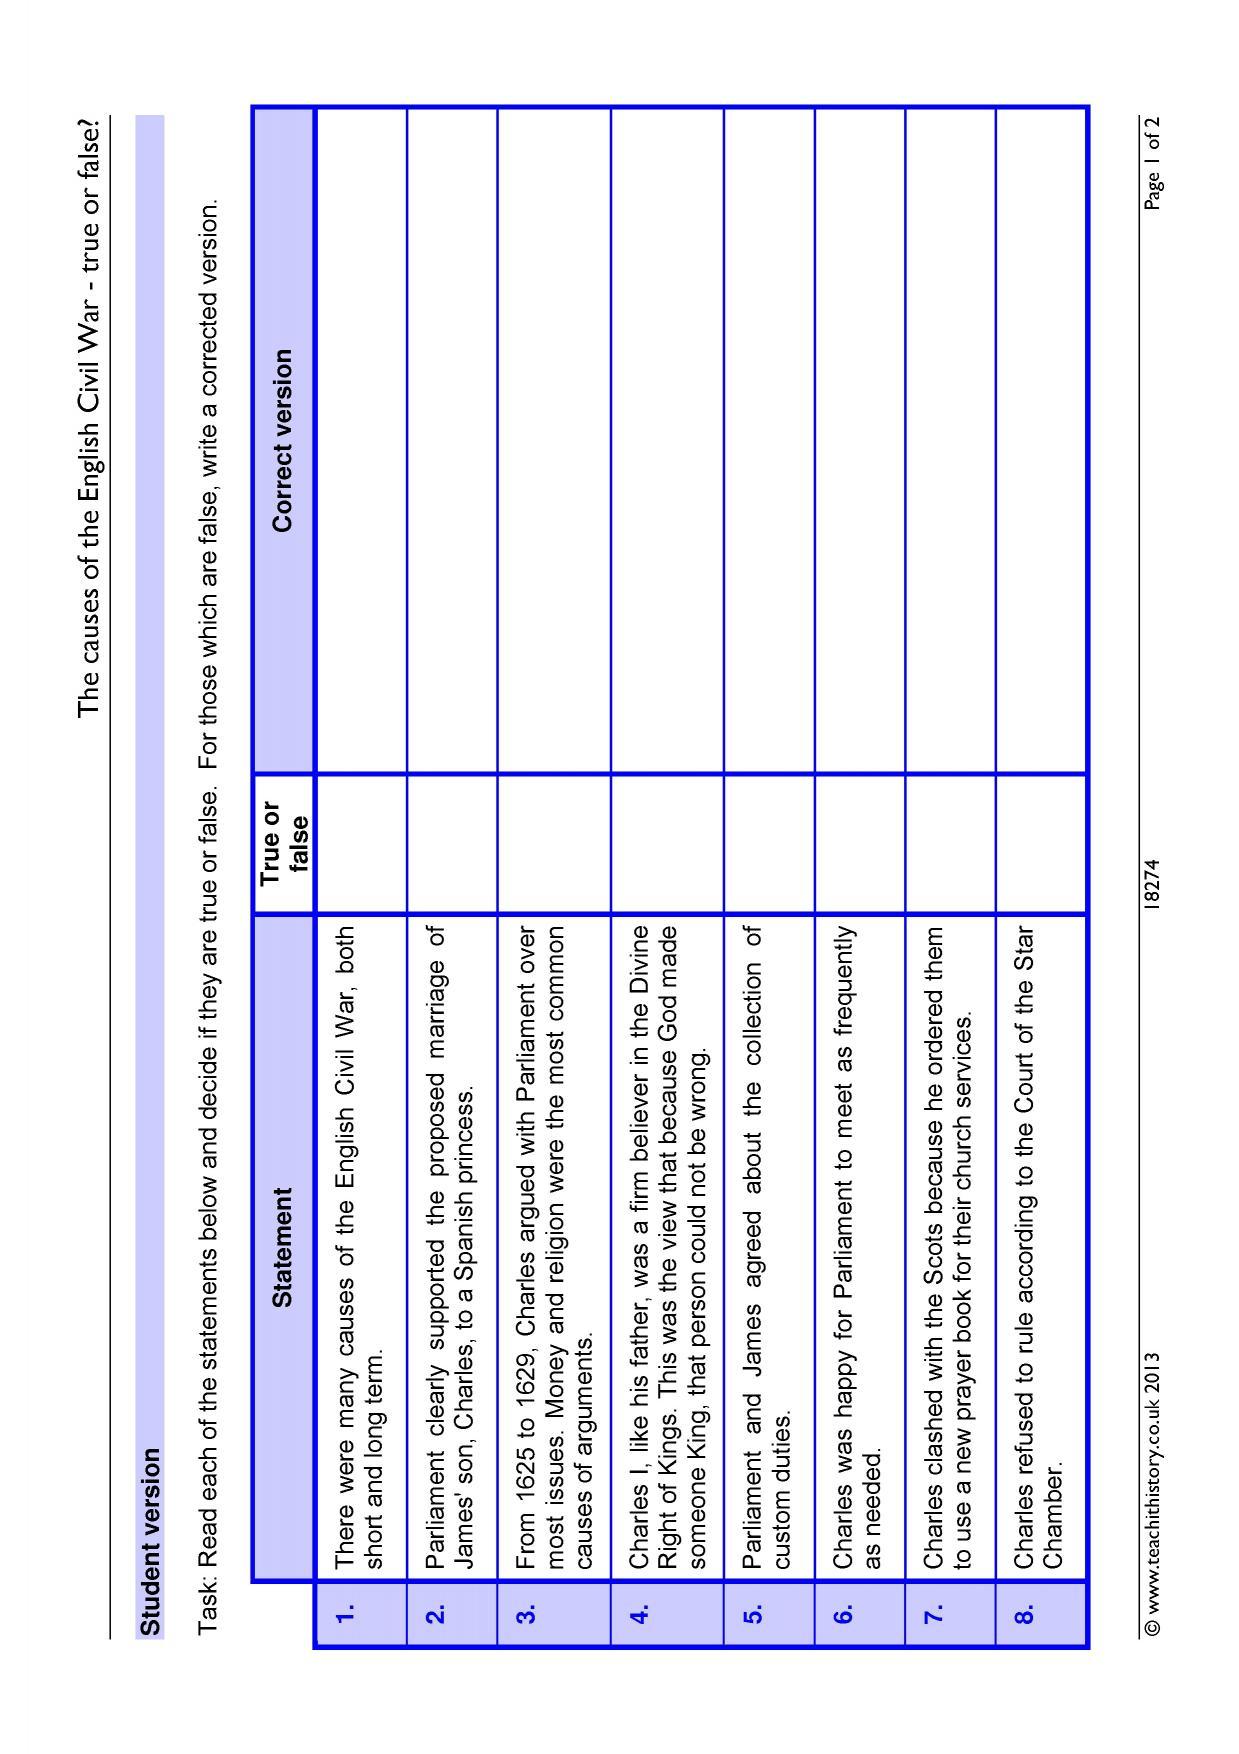 Worksheet Causes Of The Civil War Worksheet Worksheet